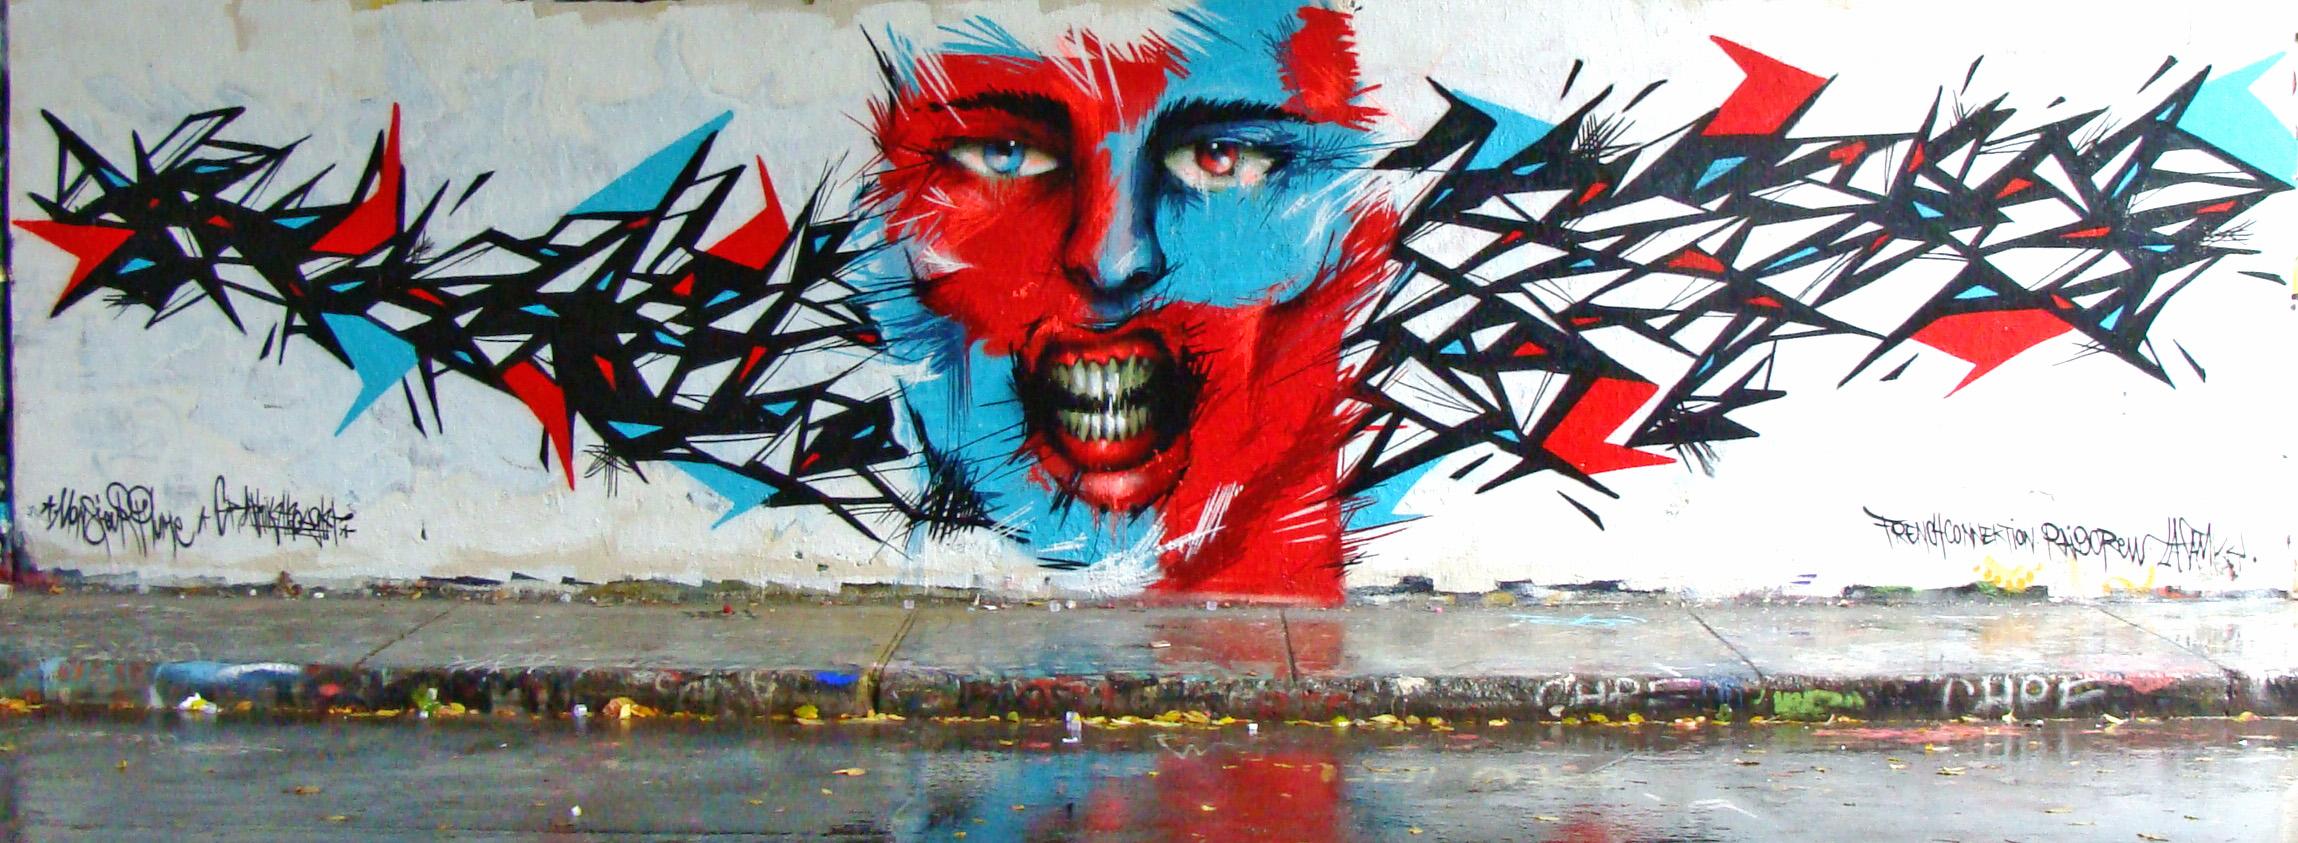 Octobre 2012 - Montréal -   Monsieur Plume w/Graphic Thought